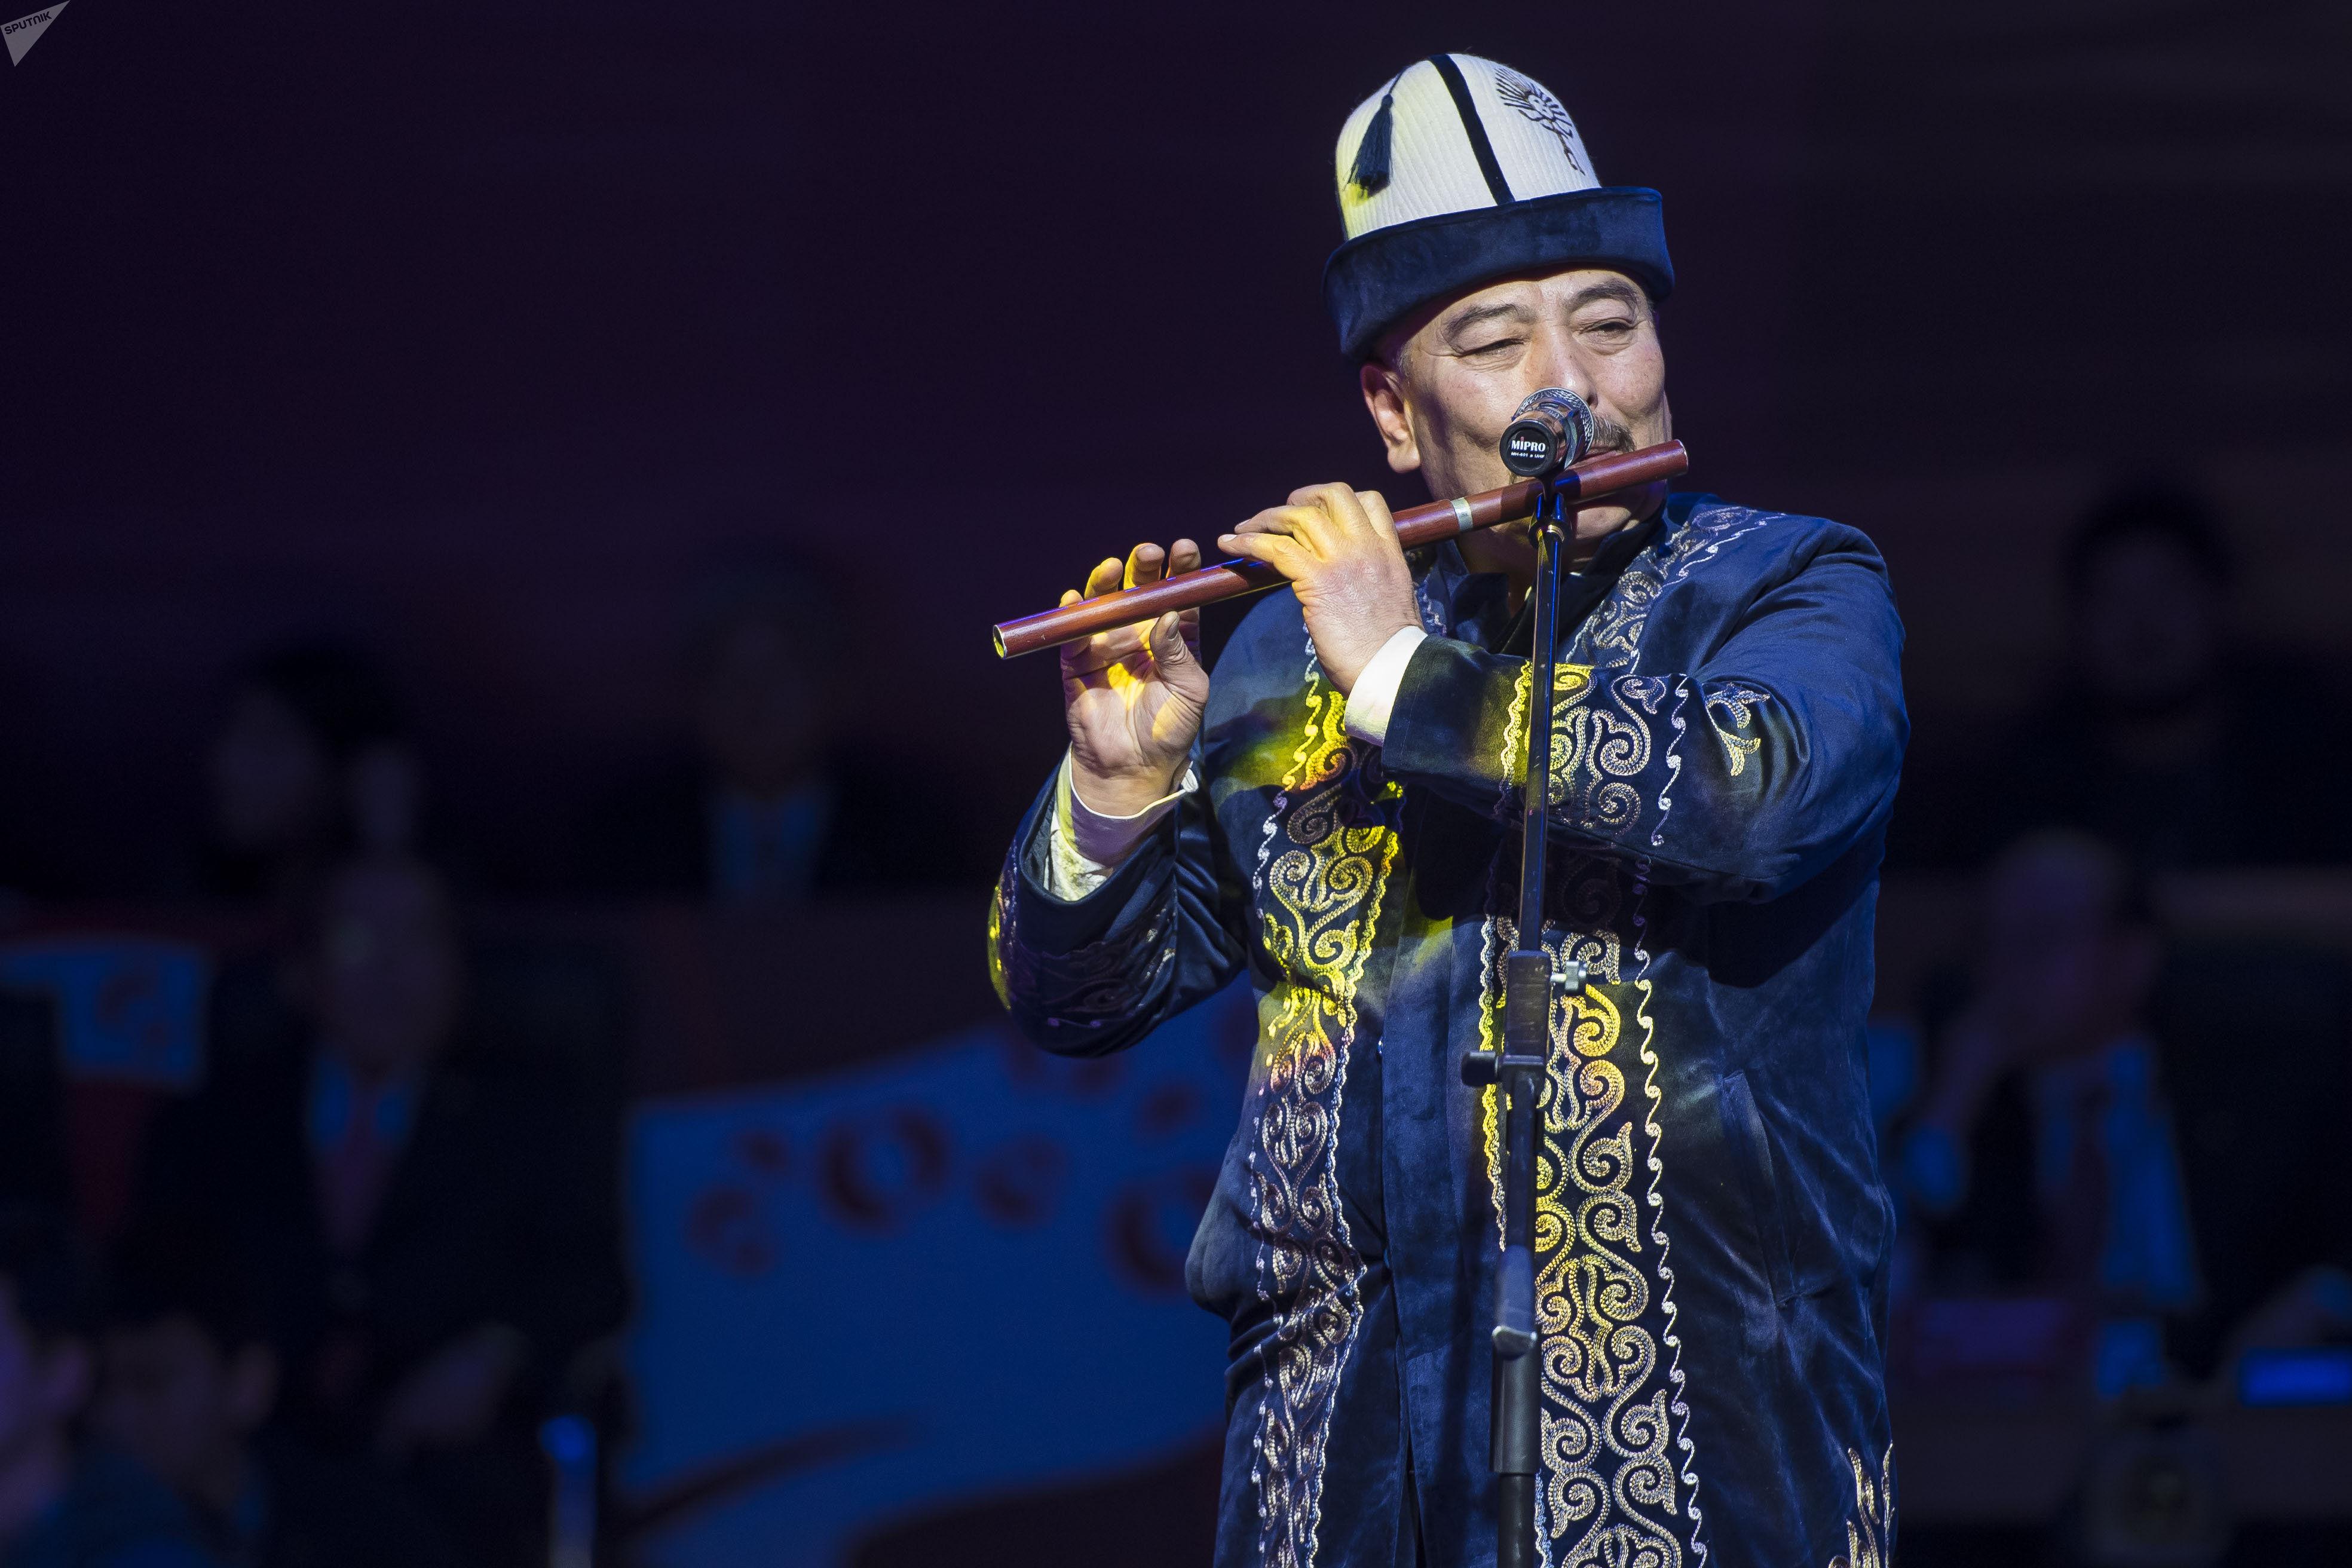 Музыкант, народный артист КР Курмангазы Азыкбаев во время церемонии открытия Чемпионата Азии по борьбе во Дворце спорта имени Каба уулу Кожомкула в Бишкеке